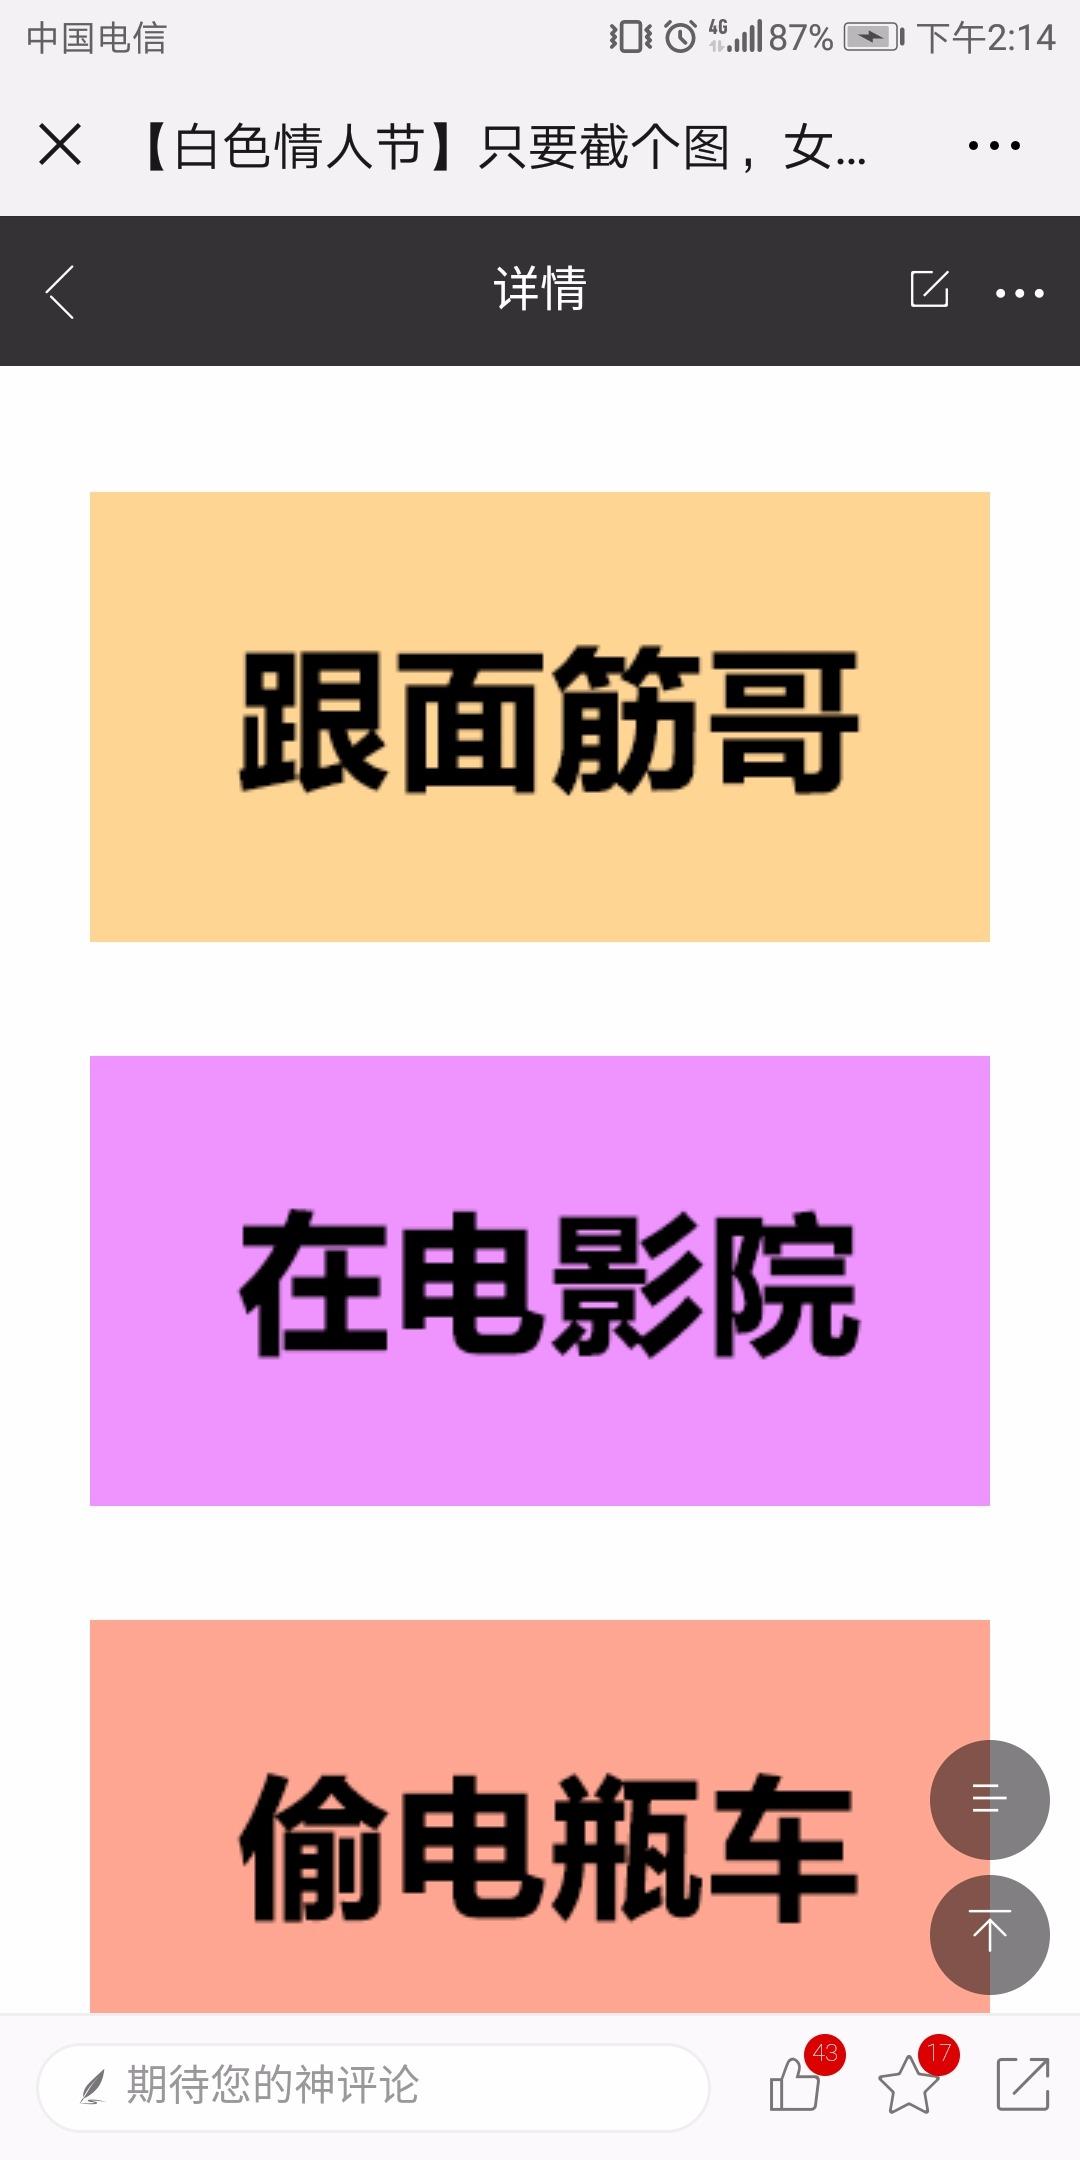 Screenshot_20190314-141409.jpg